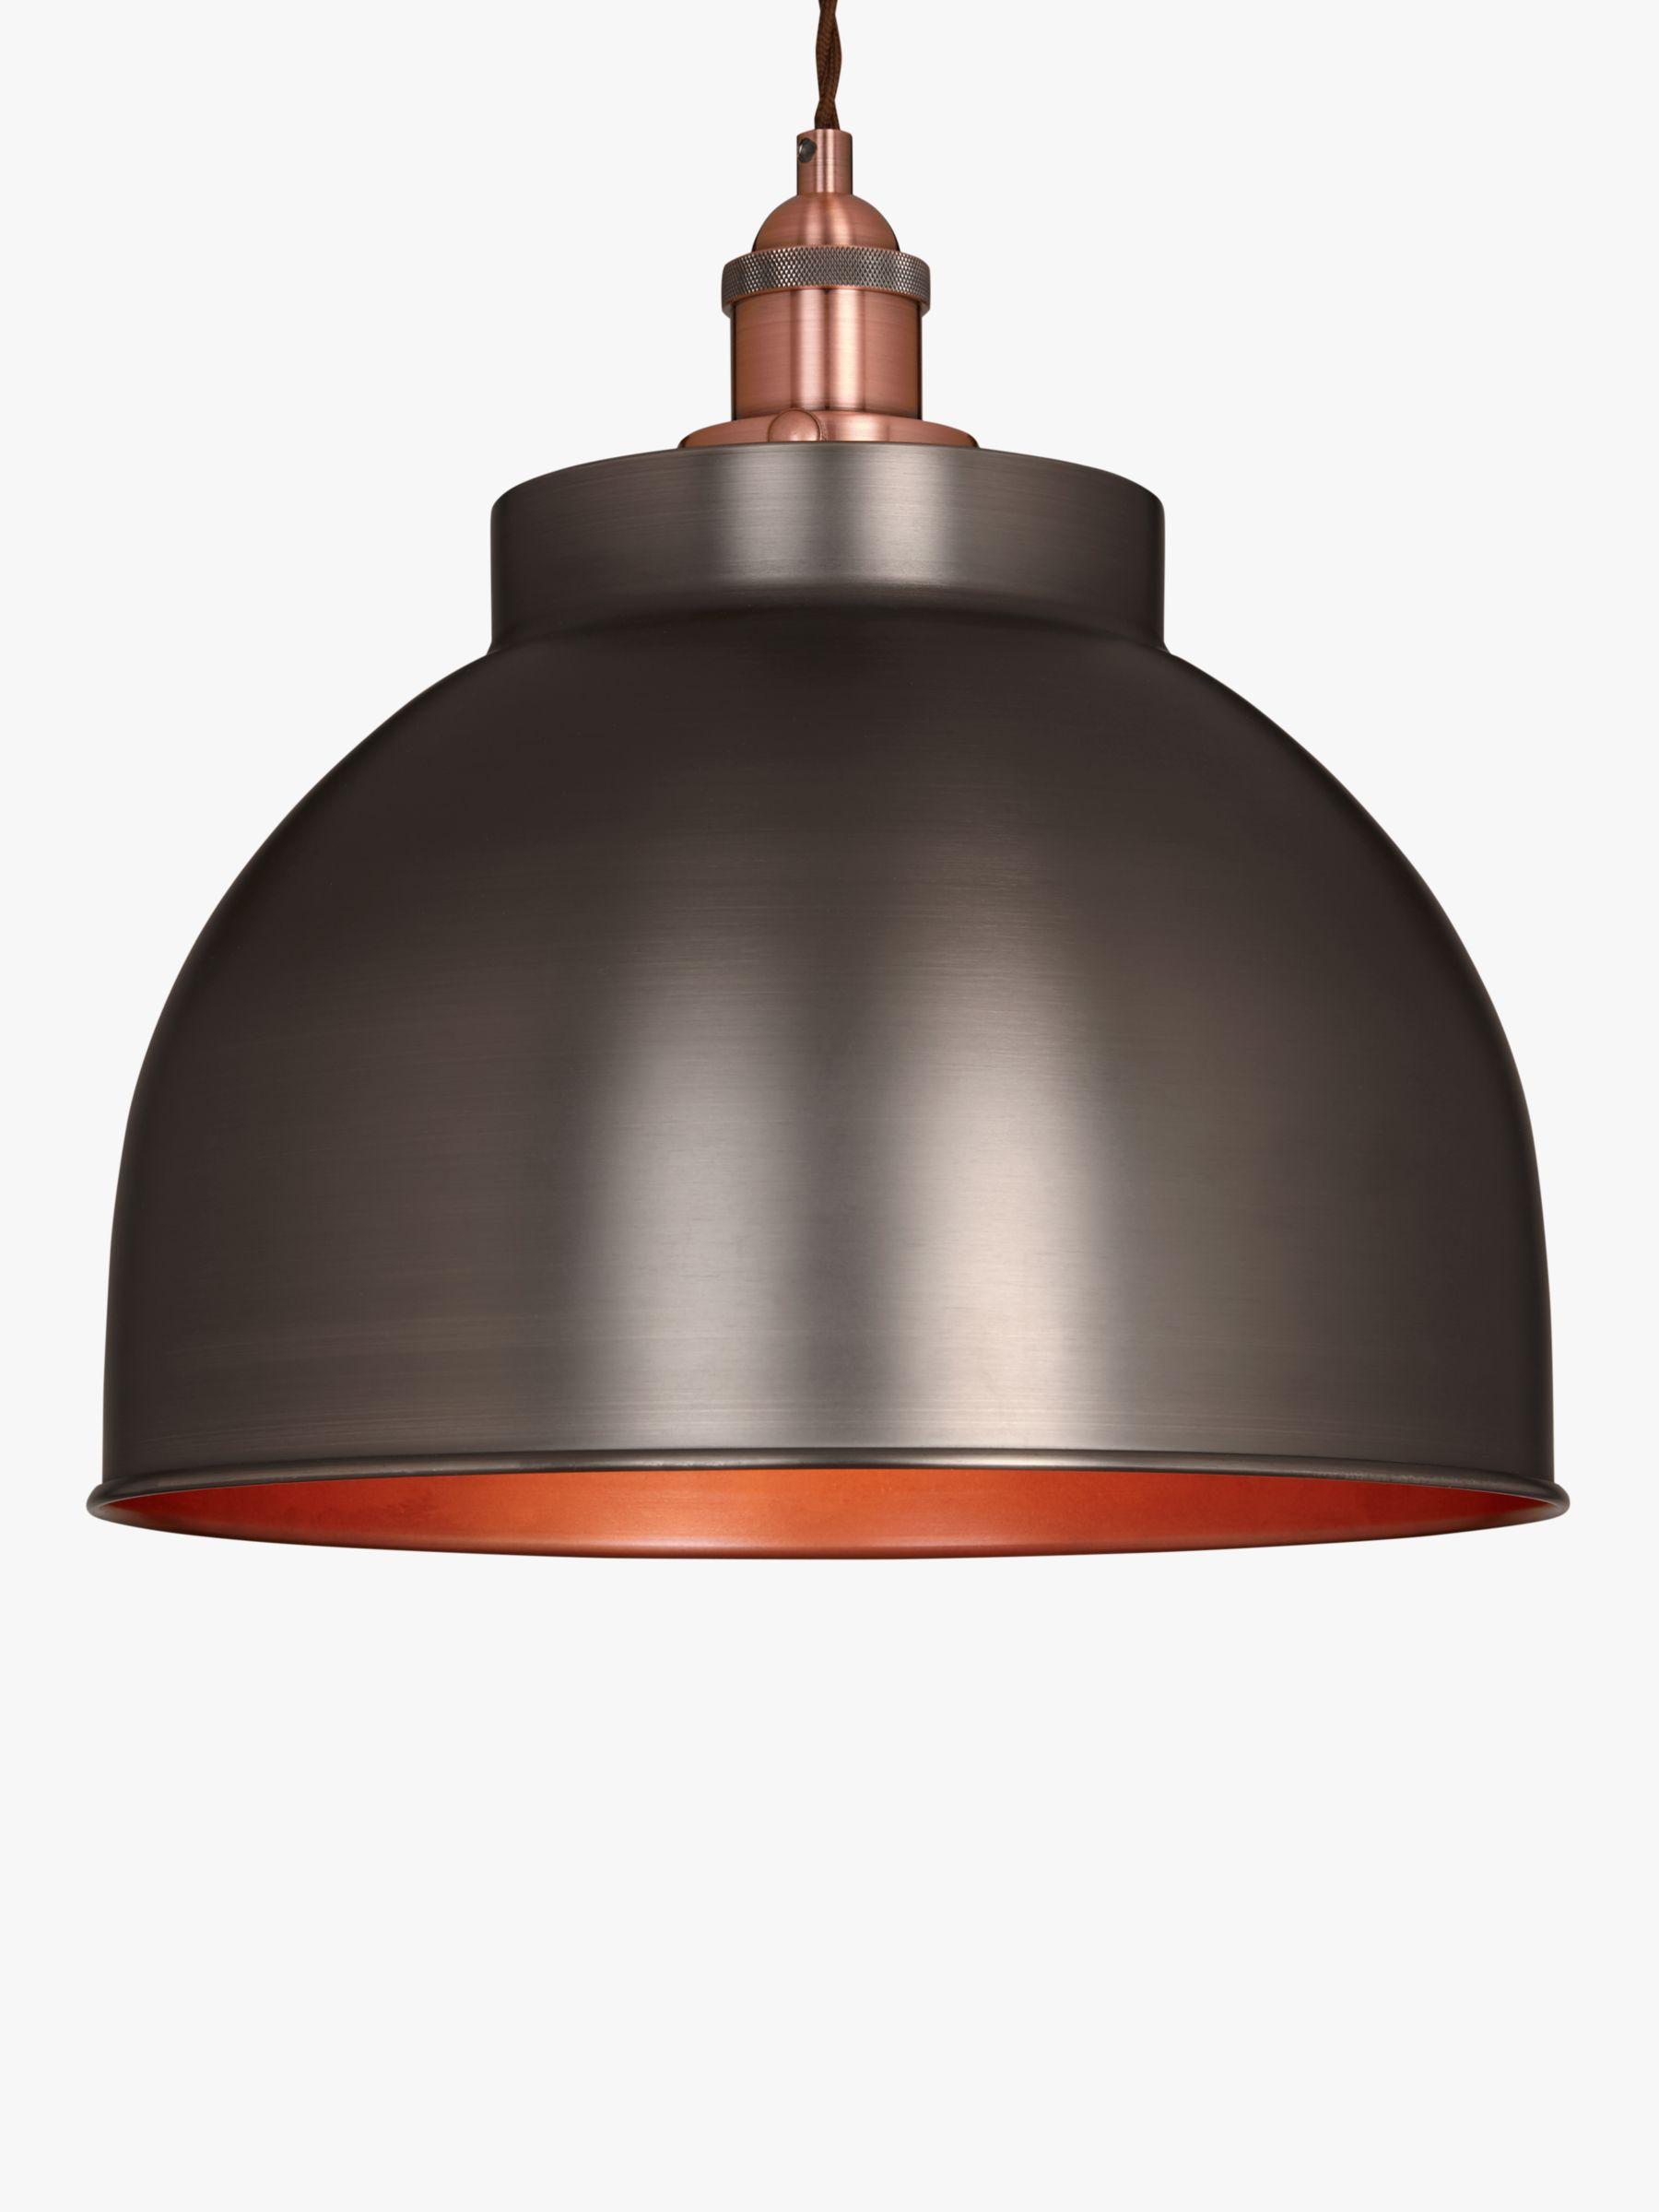 John Lewis Baldwin Large Pendant Ceiling Light, Pewter at